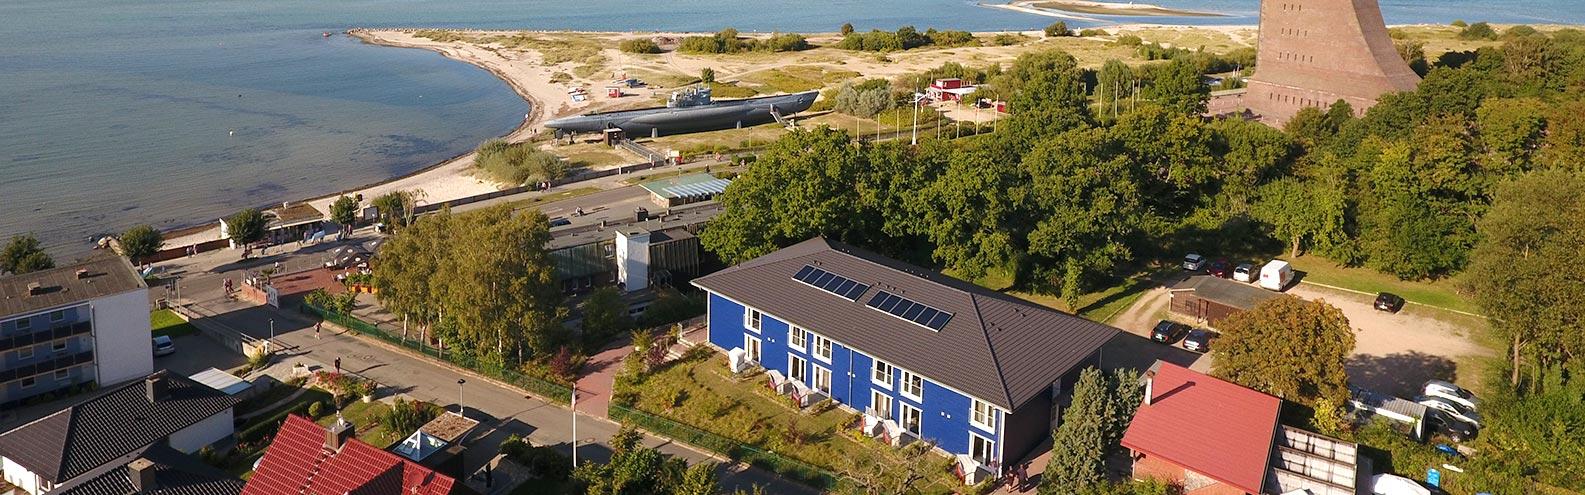 Hotel Admiral Scheer in Laboe an der Ostsee